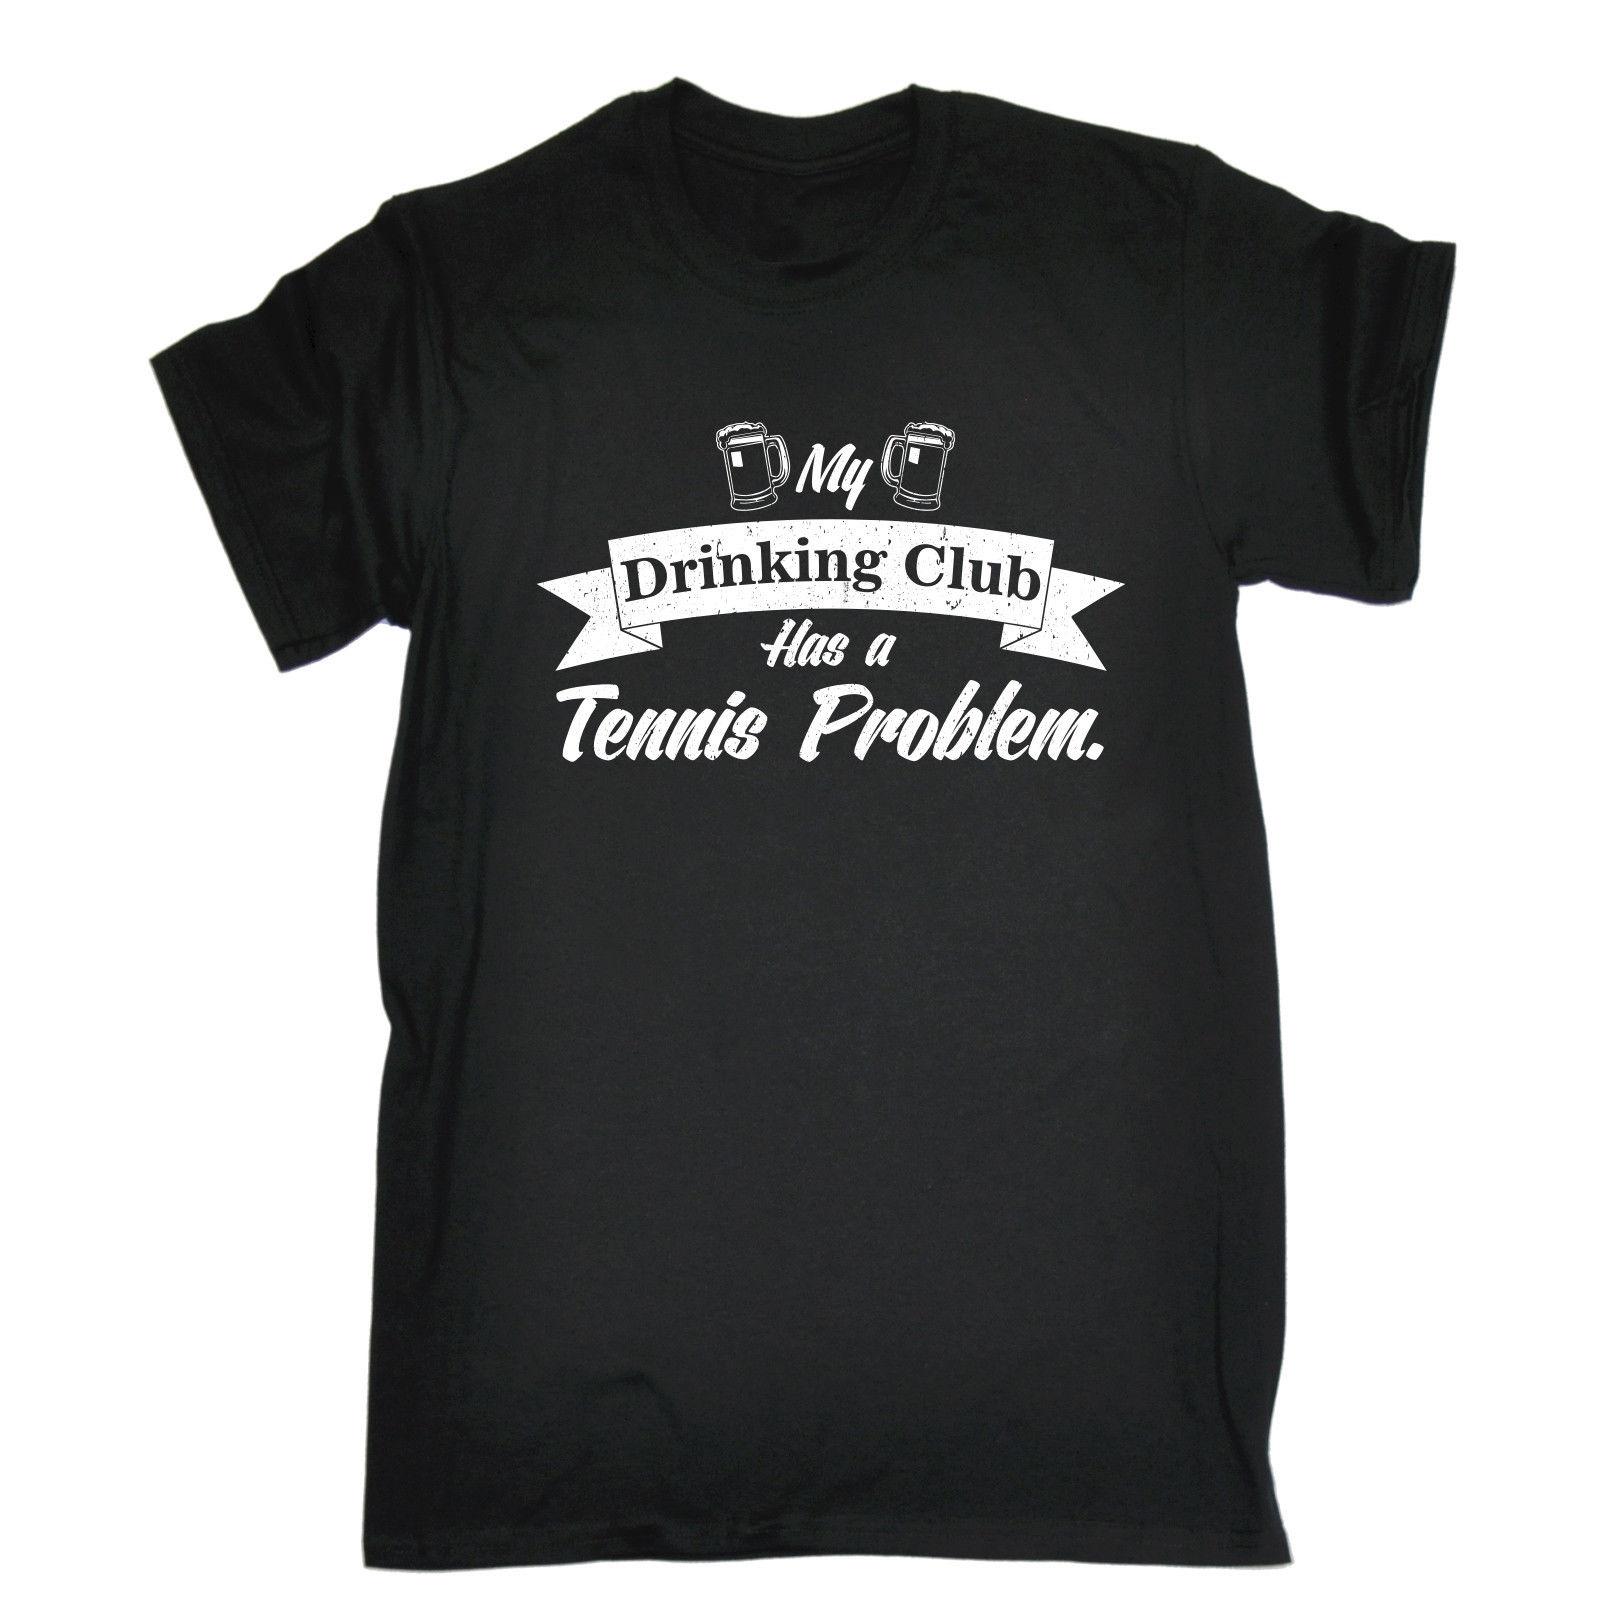 Мой Питьевая клуб имеет tenniser проблема футболка ракетка мяча Забавный подарок на день рождения Футболка fashiont рубашка Бесплатная доставка фу...